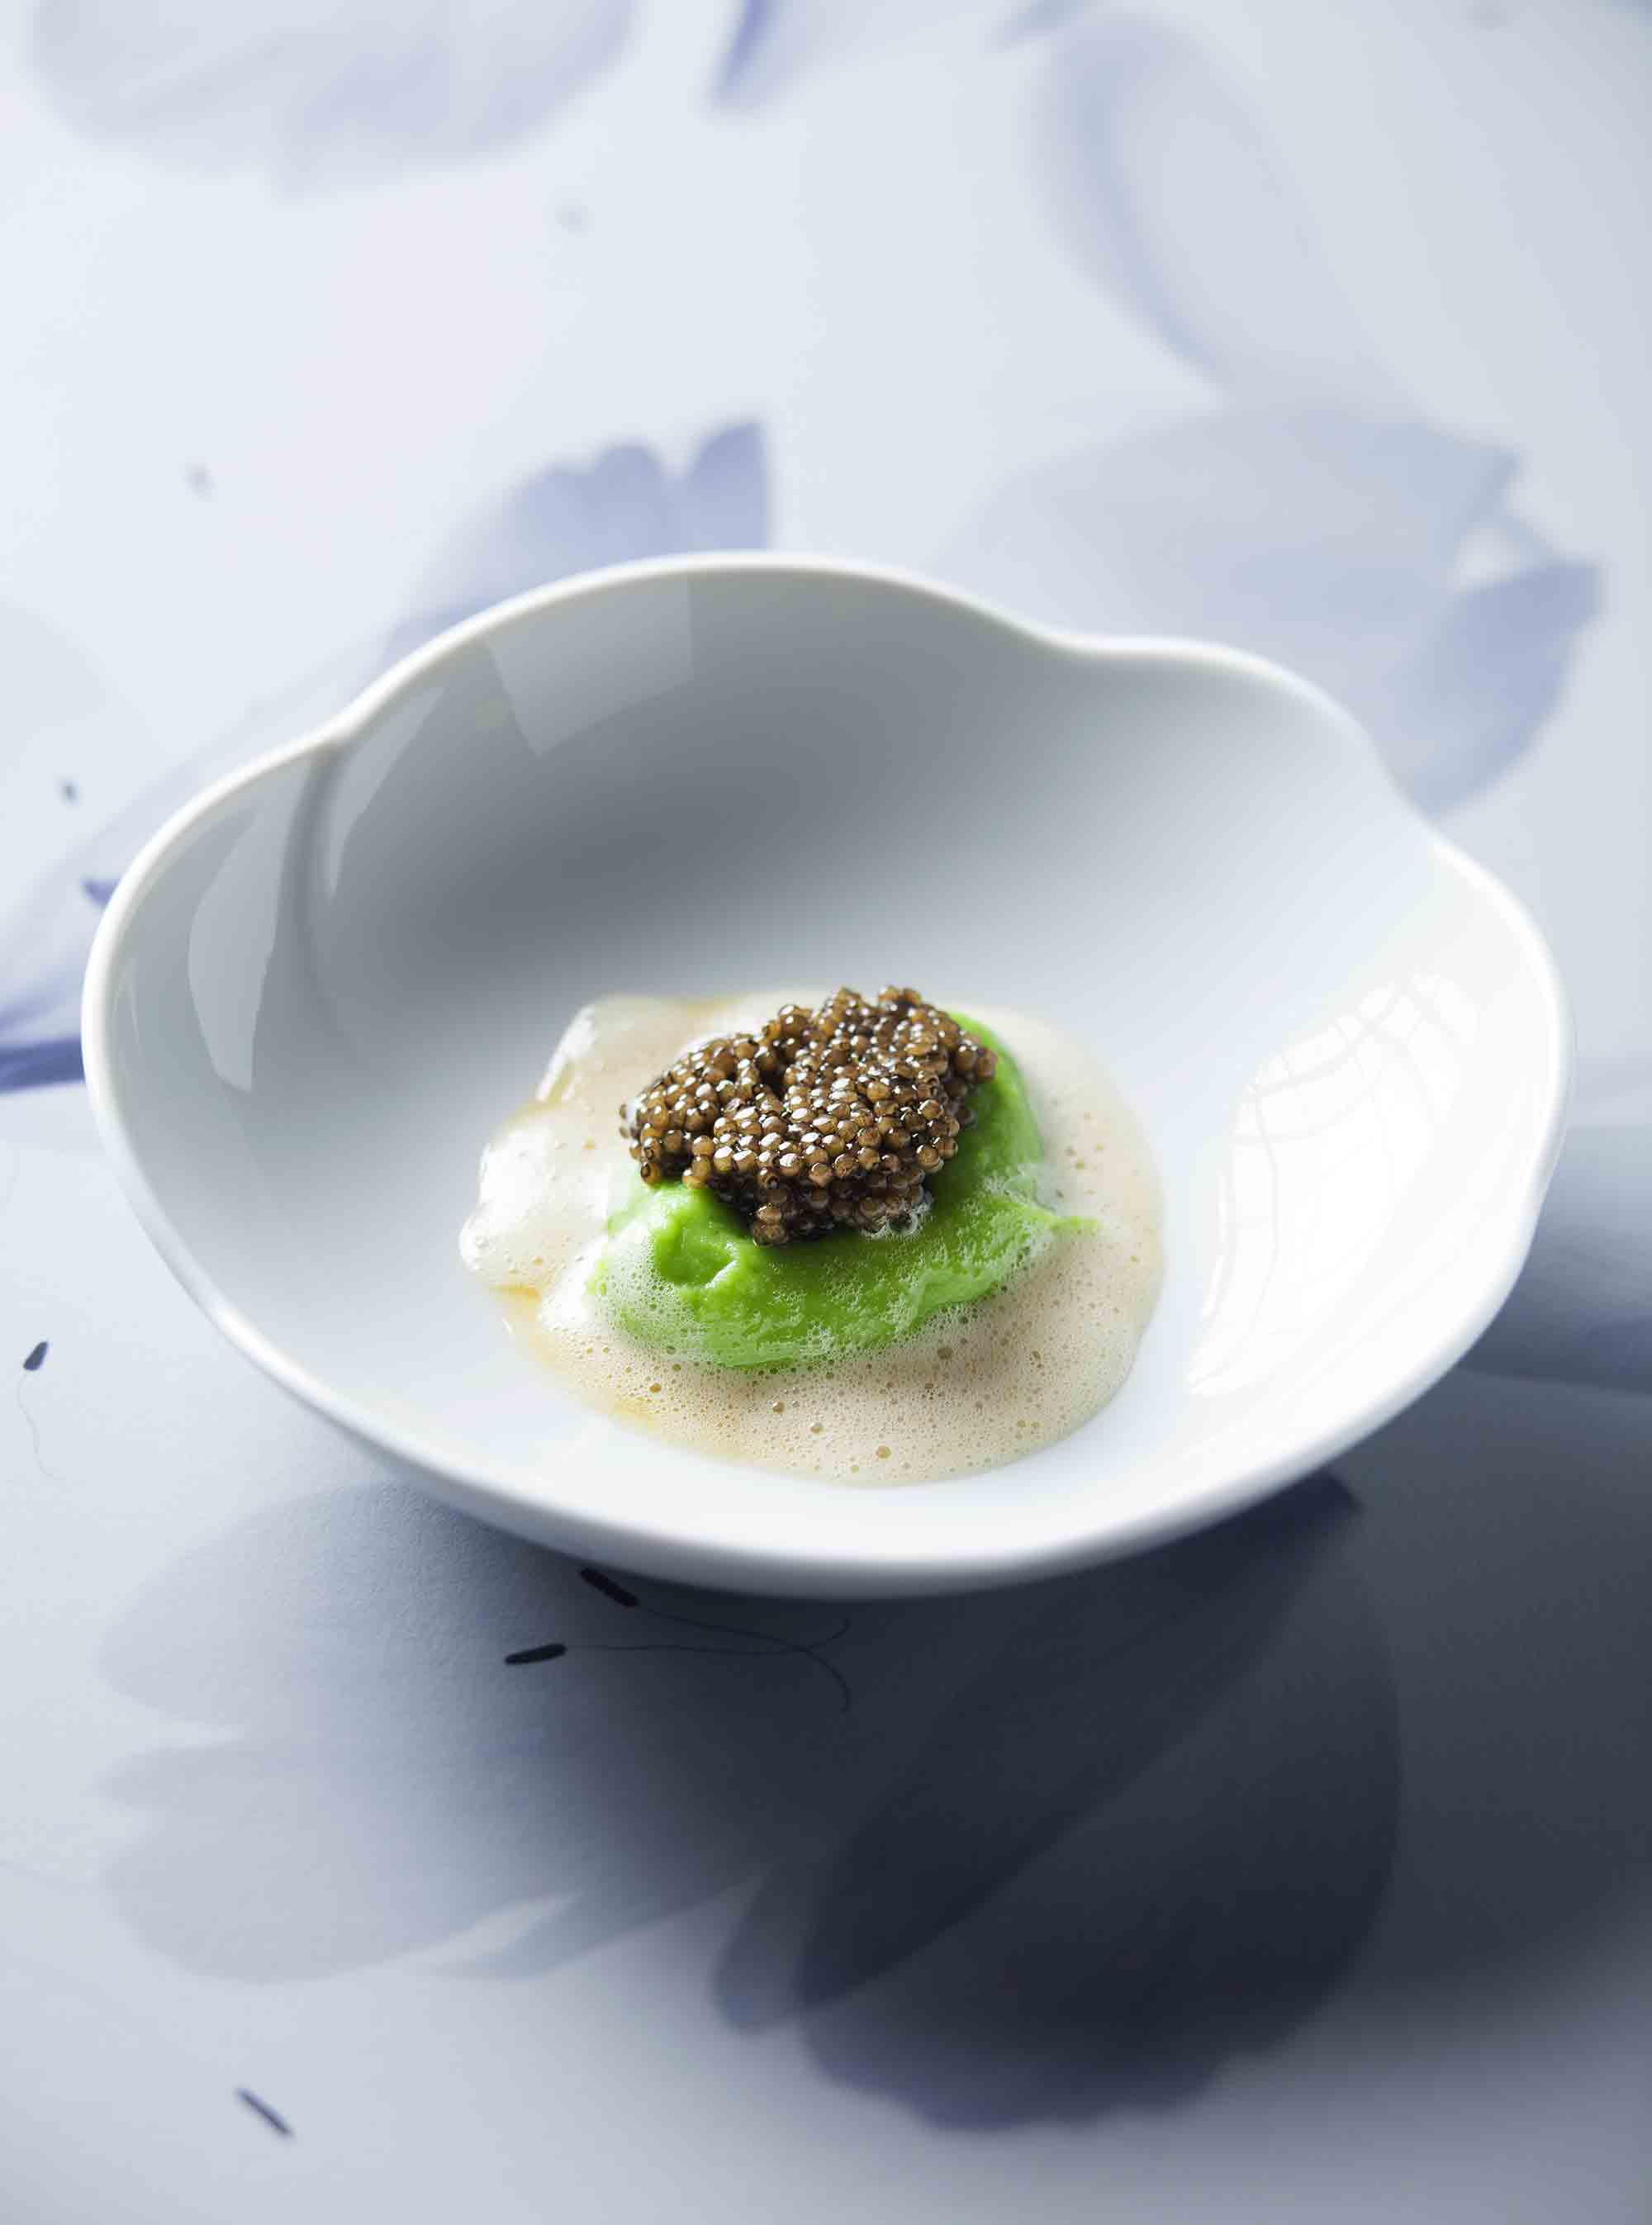 Kartoffel-Lauch-Püree mit Kaviar